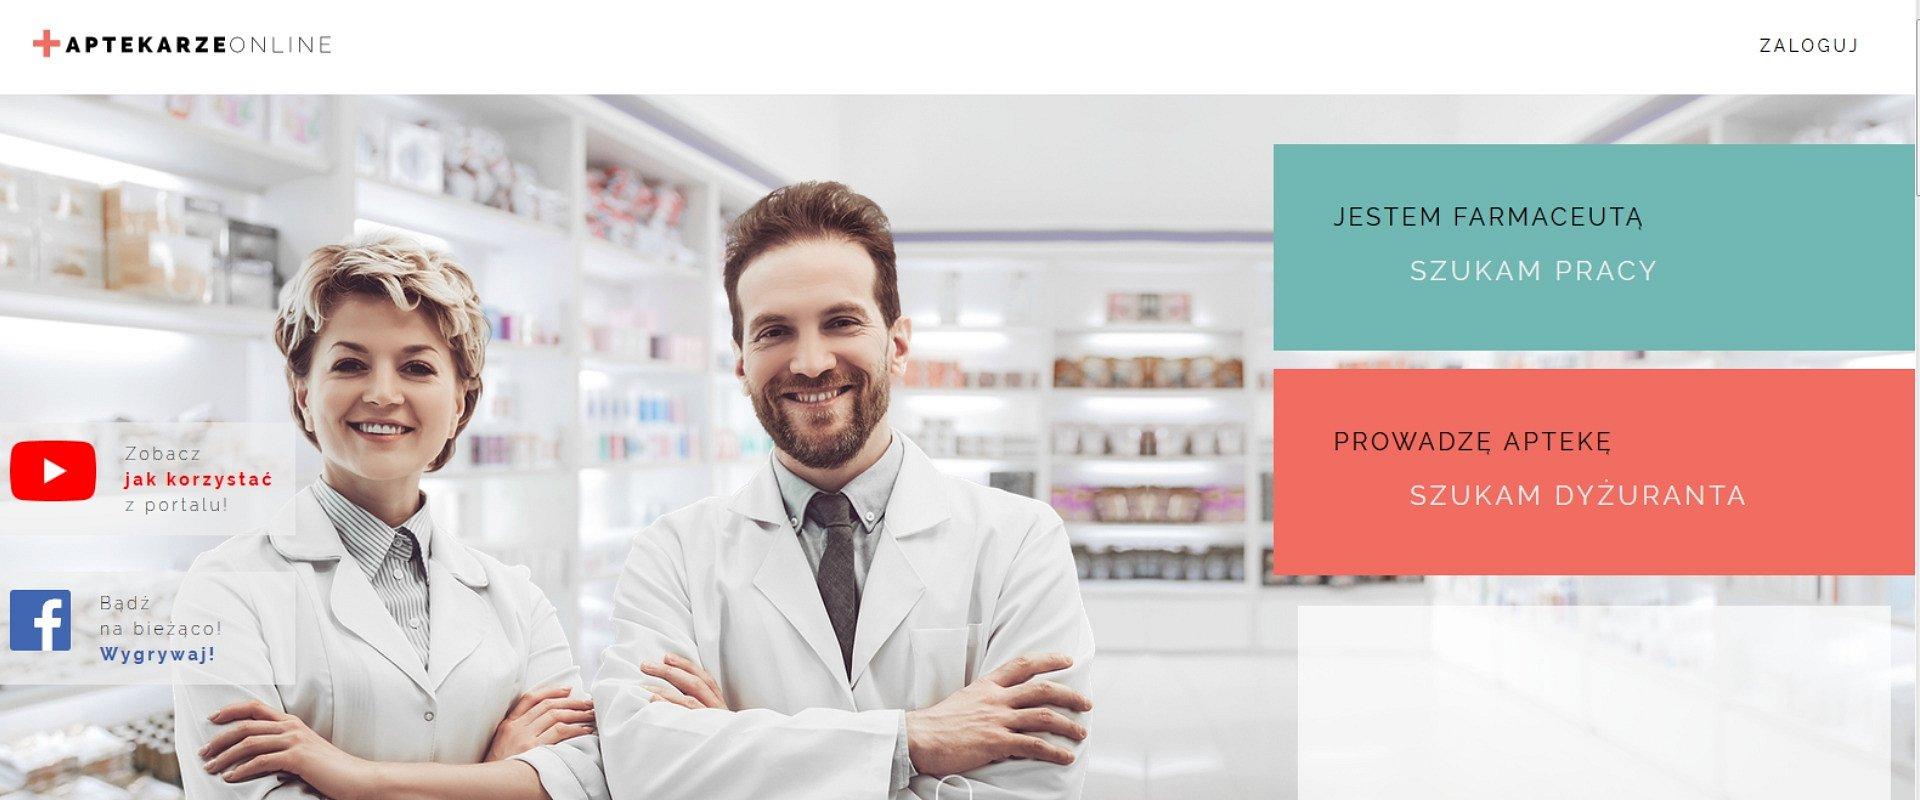 Farmaceuta potrzebny od zaraz